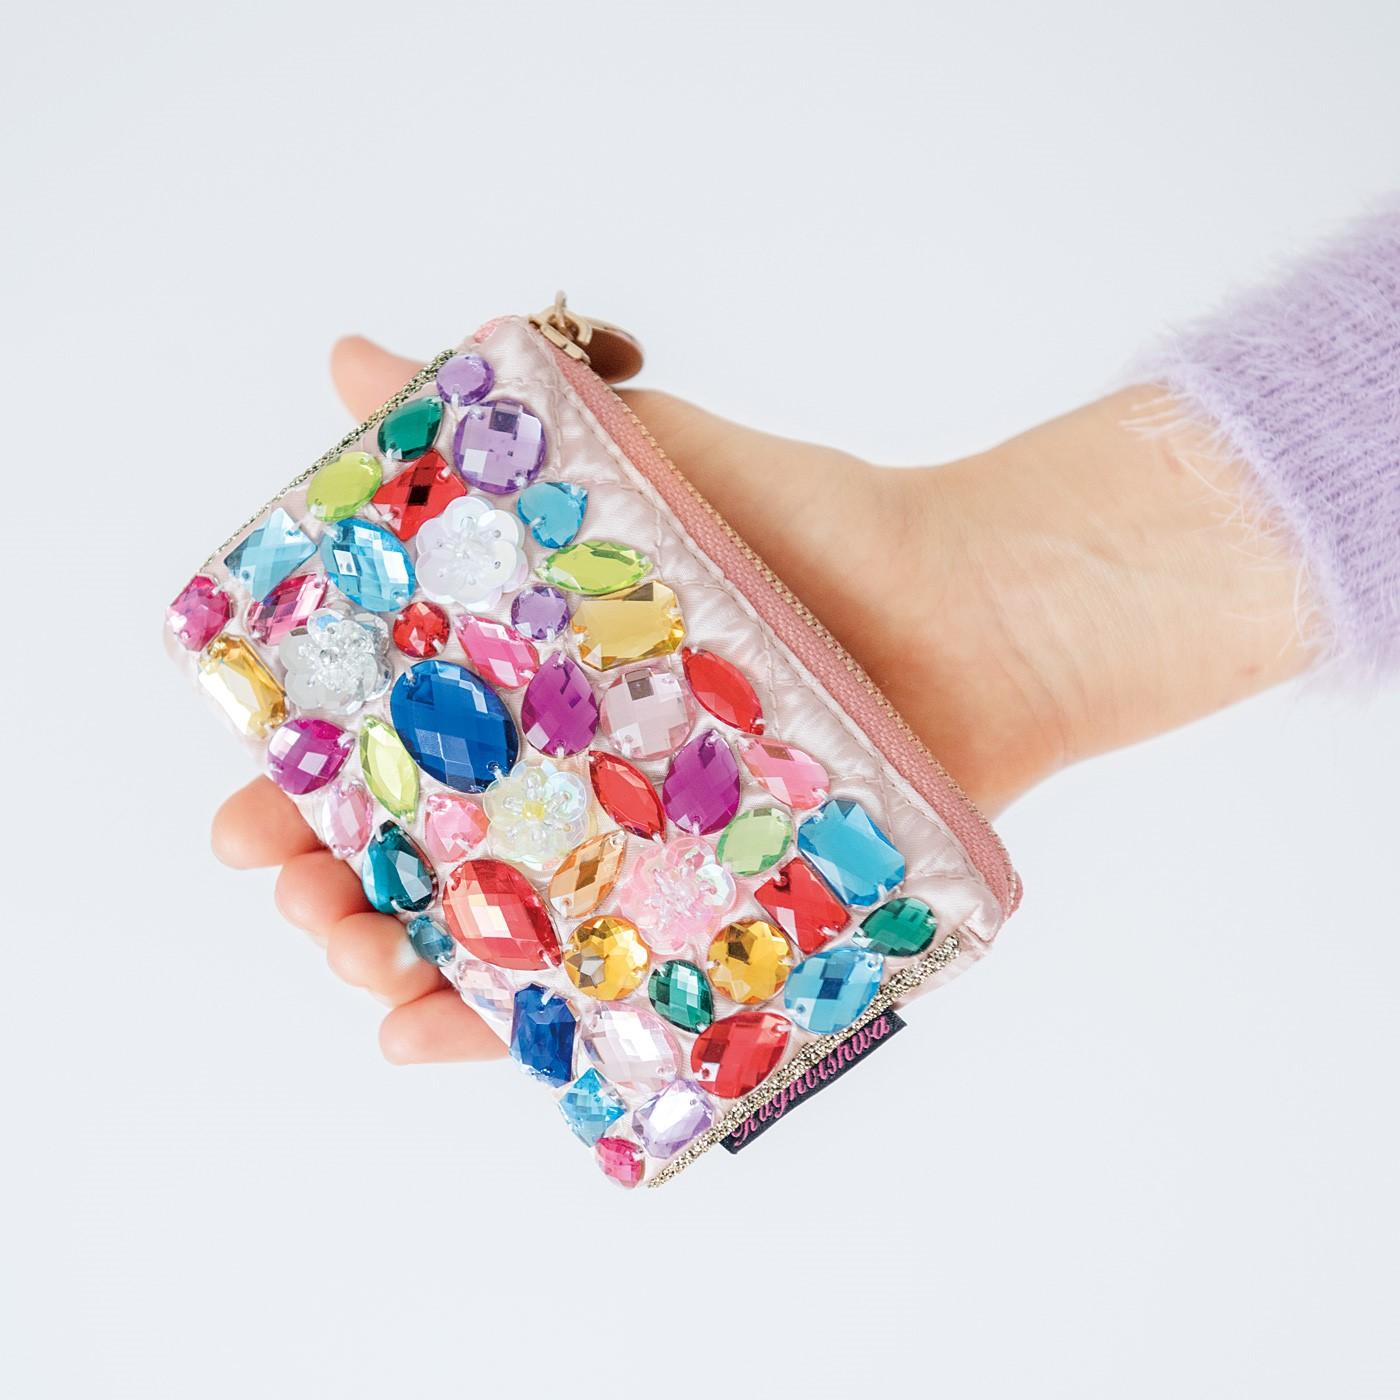 ティッシュポーチは、バッグの中にすっぽり入る手のひらサイズ。